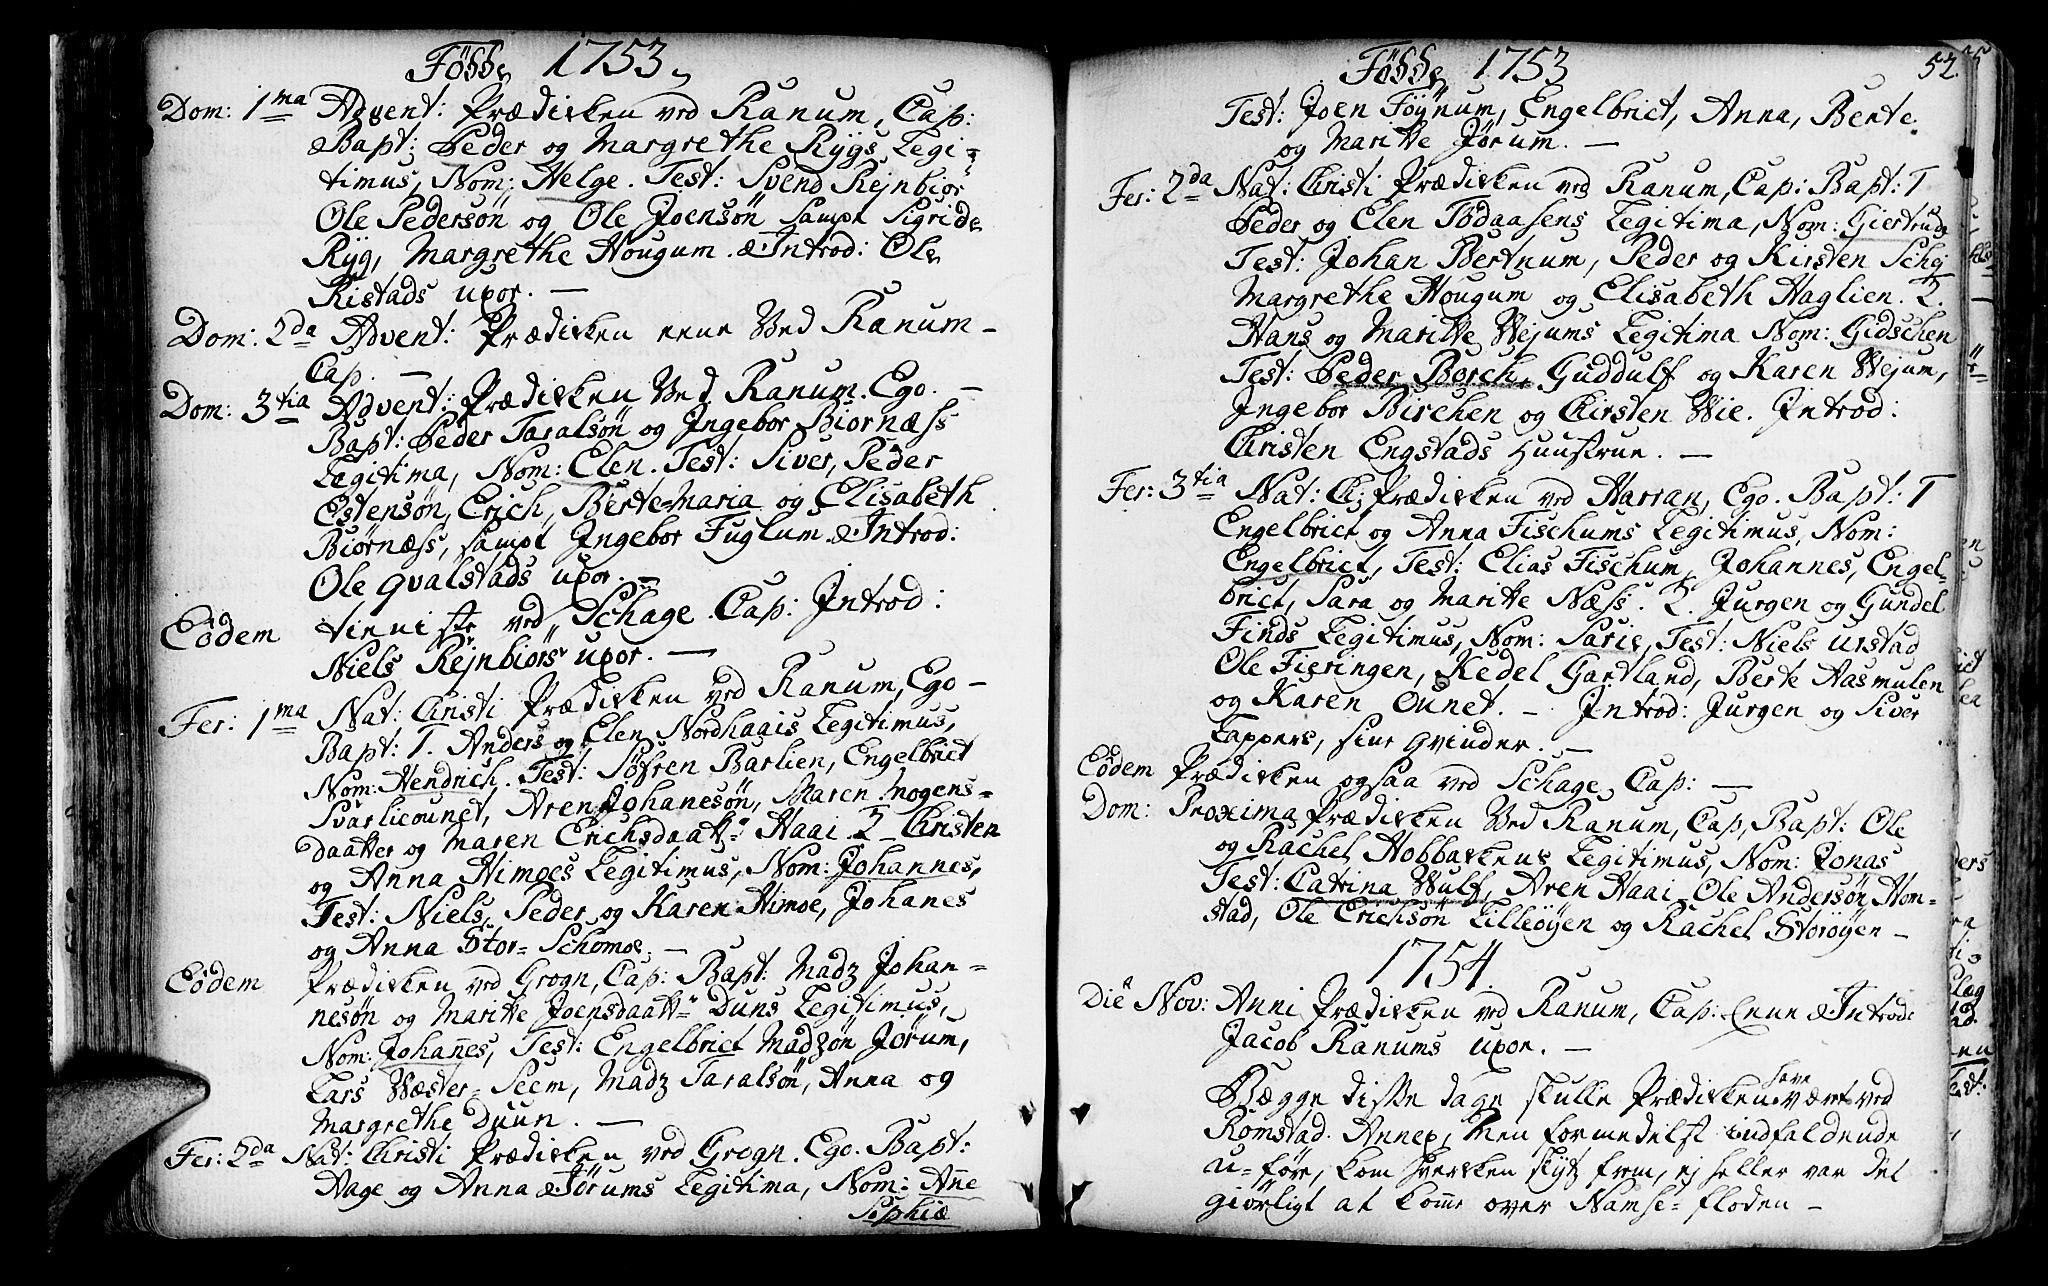 SAT, Ministerialprotokoller, klokkerbøker og fødselsregistre - Nord-Trøndelag, 764/L0542: Ministerialbok nr. 764A02, 1748-1779, s. 52